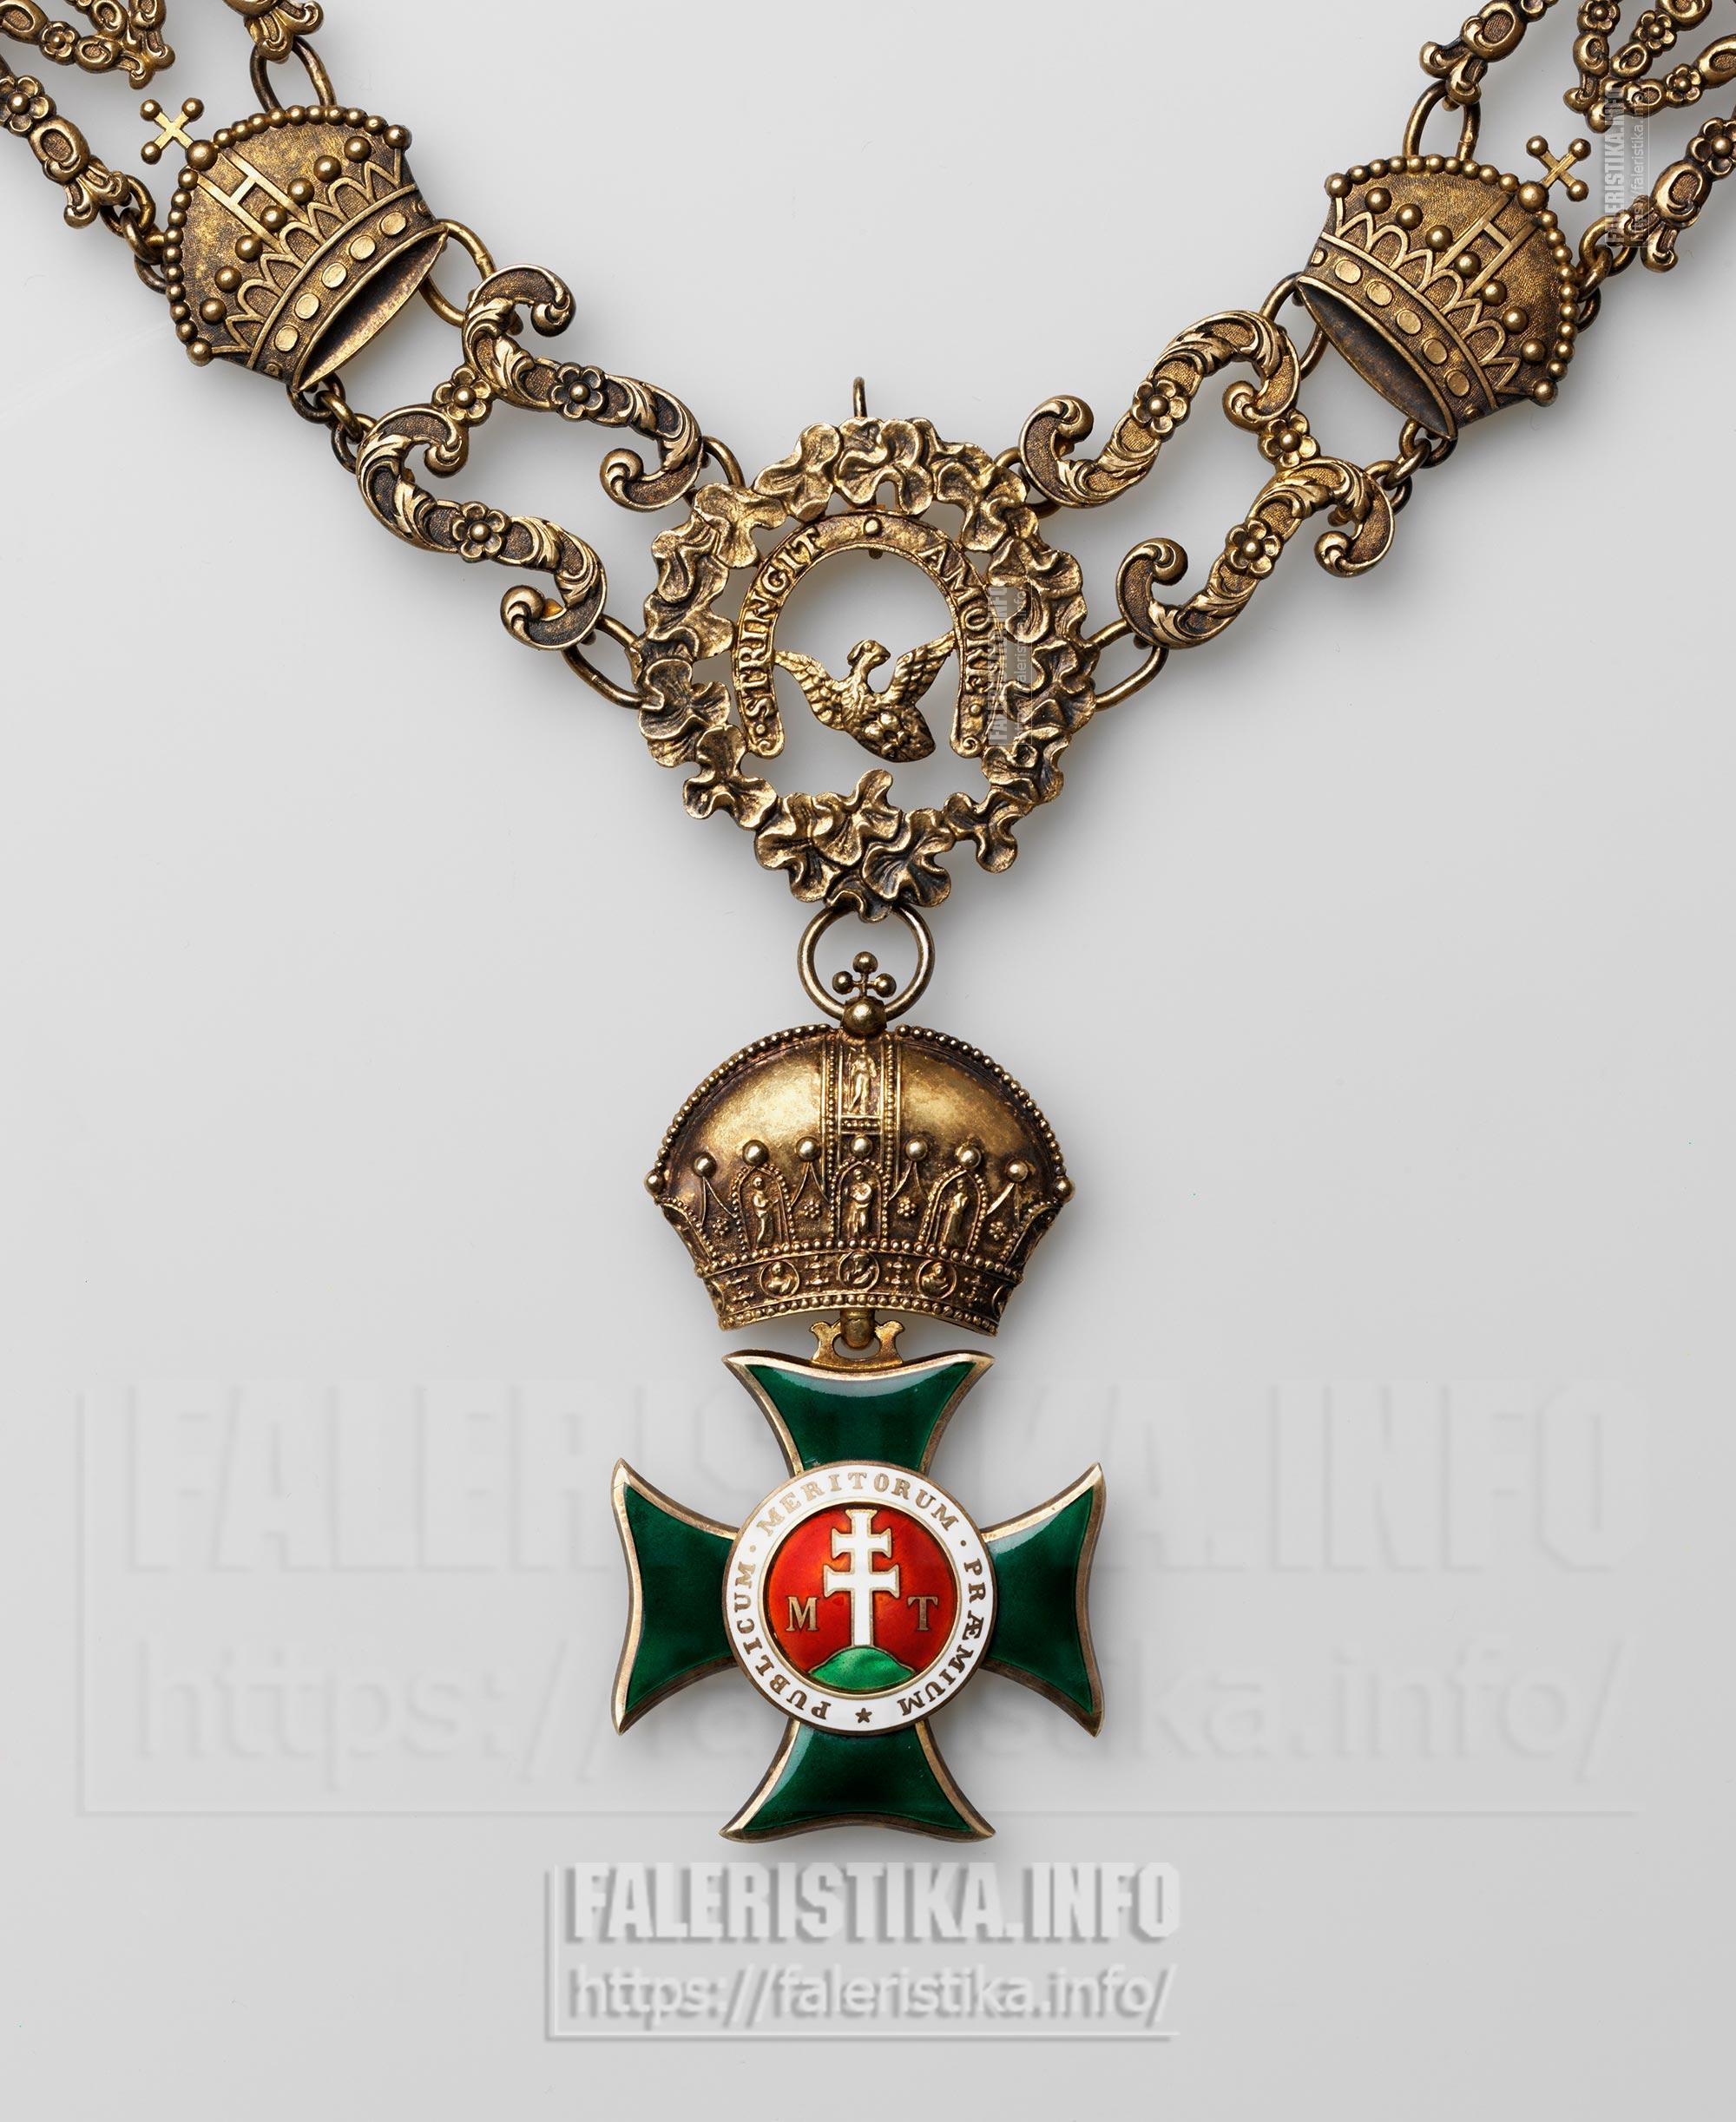 Орден Св. Стефана. Знаки Большого Креста. Цепь. Фрагмент. Знак. Аверс. Частная коллекция